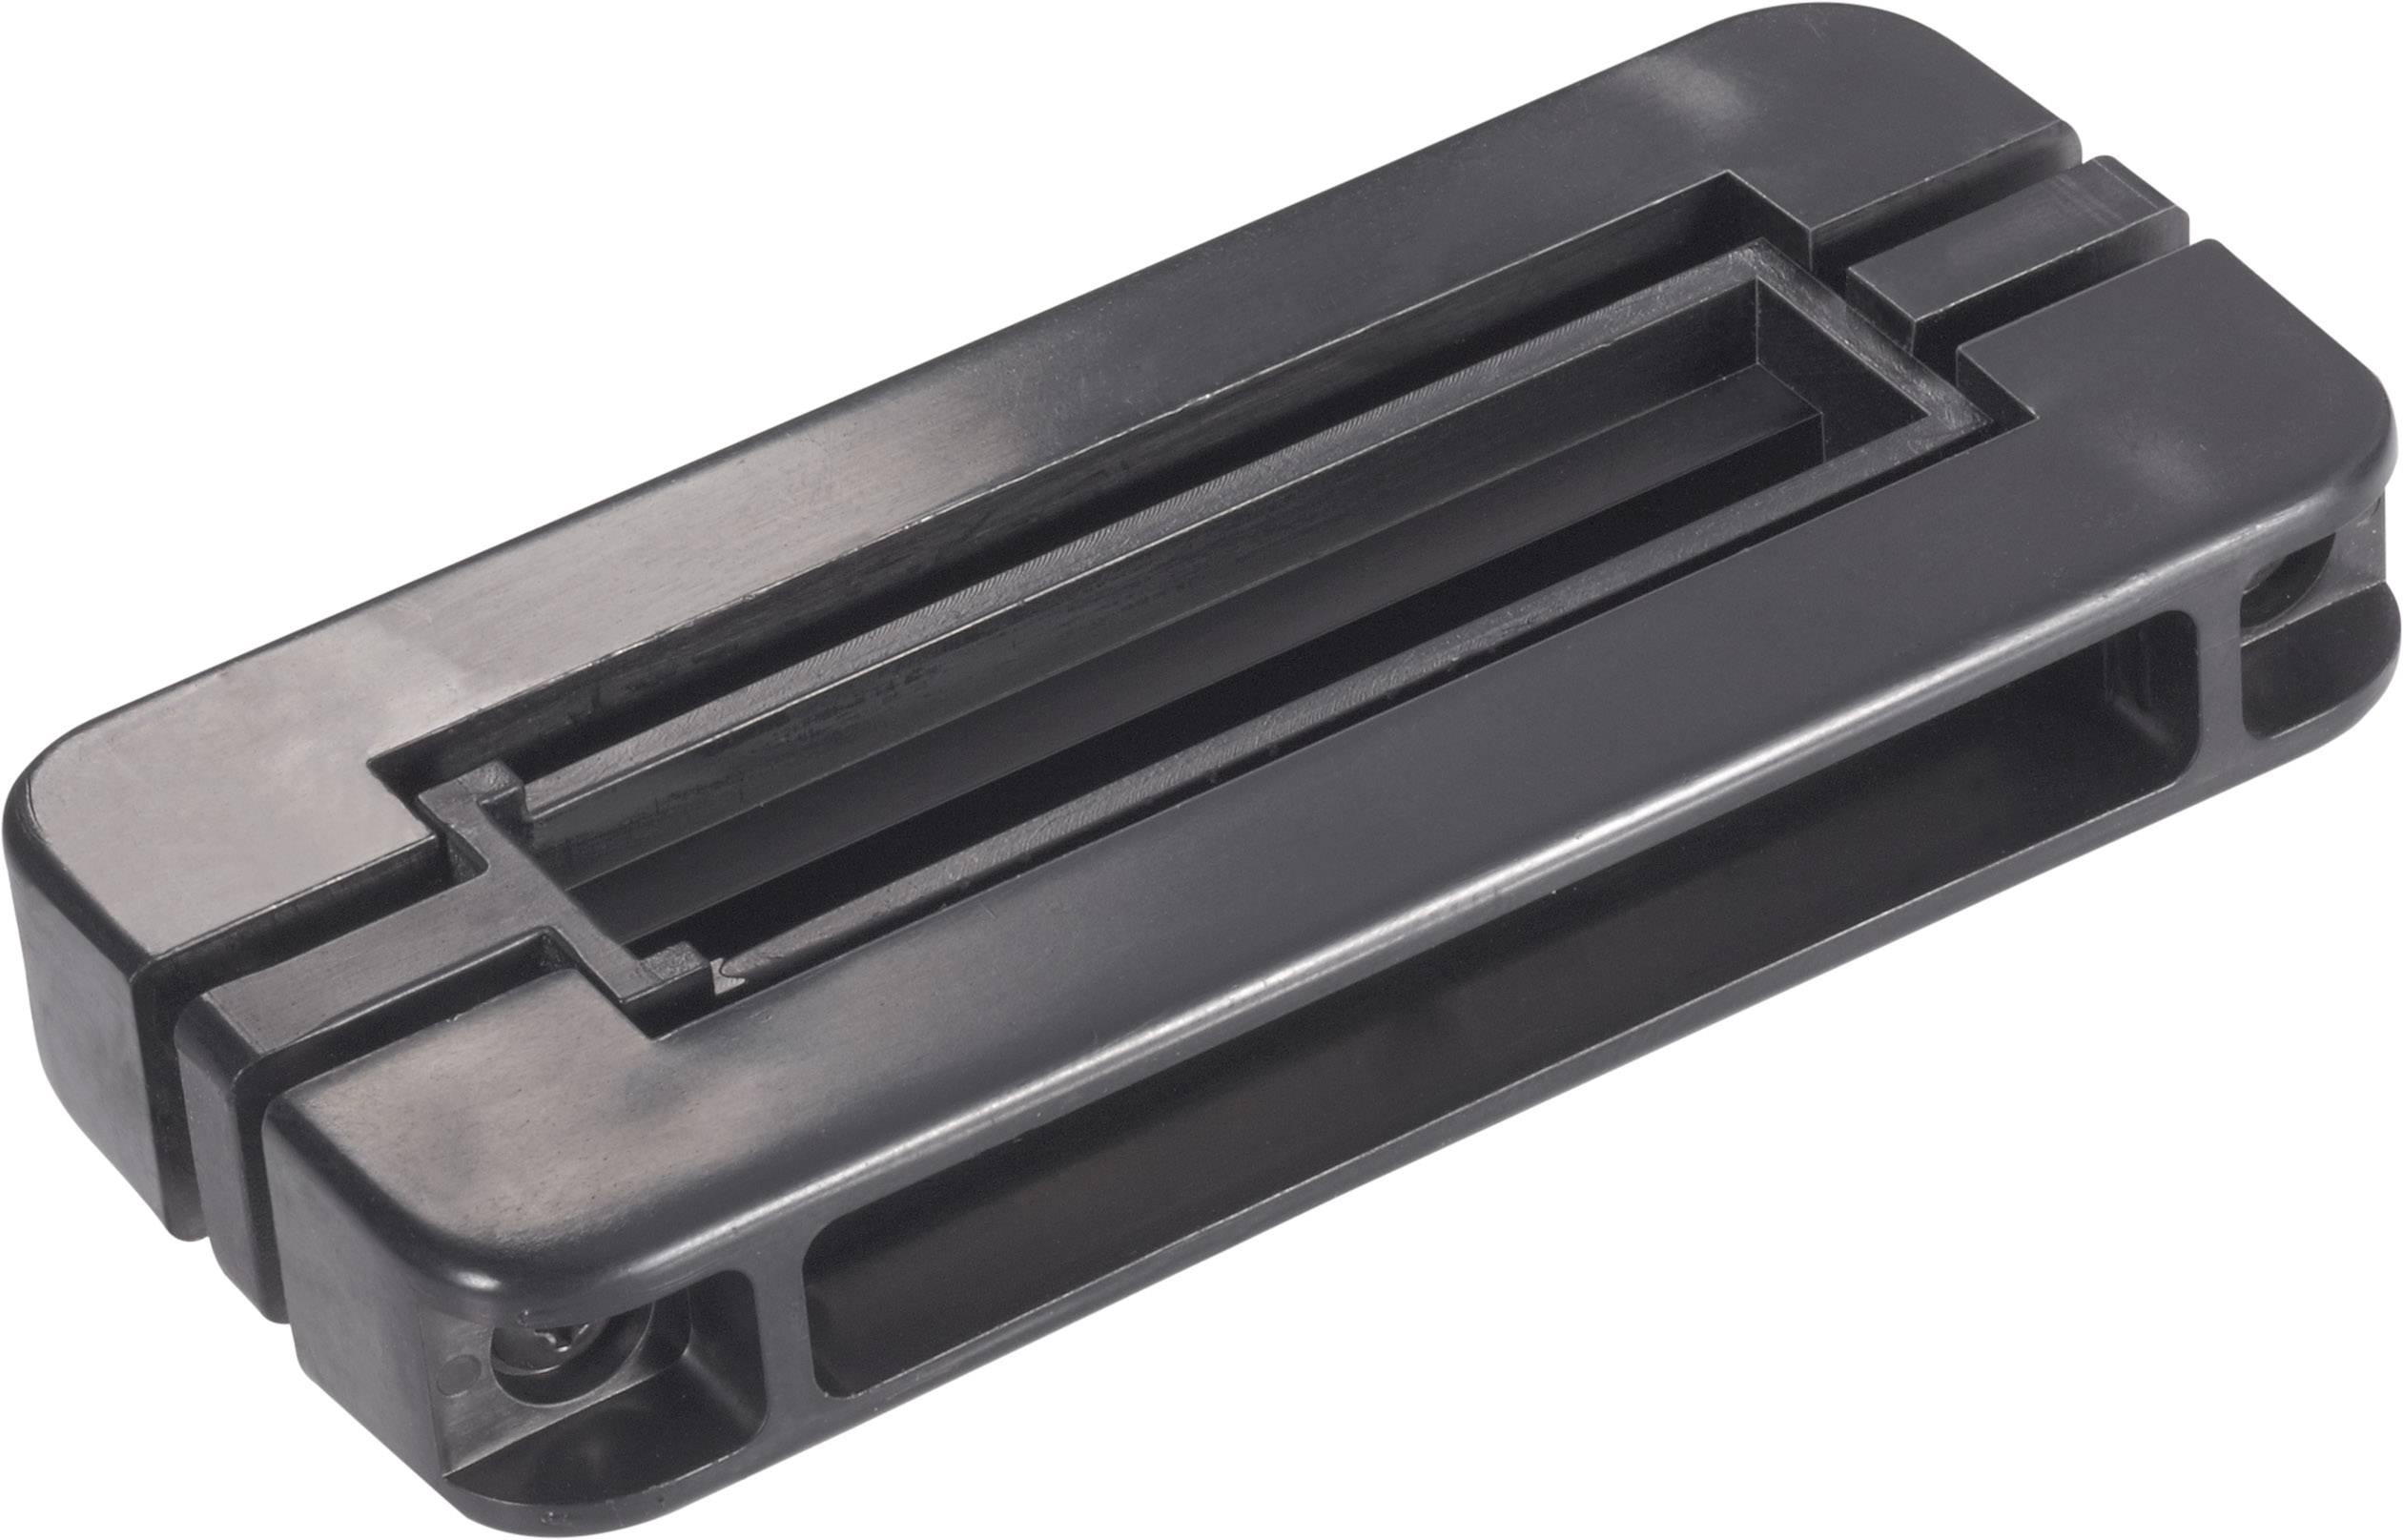 Semi-conducteur 15.24 mm Adapt/é pour bo/îtier : DI Redresseur de Pattes TRU COMPONENTS 1564782 Adapt/é pour Pas: 7.62 mm